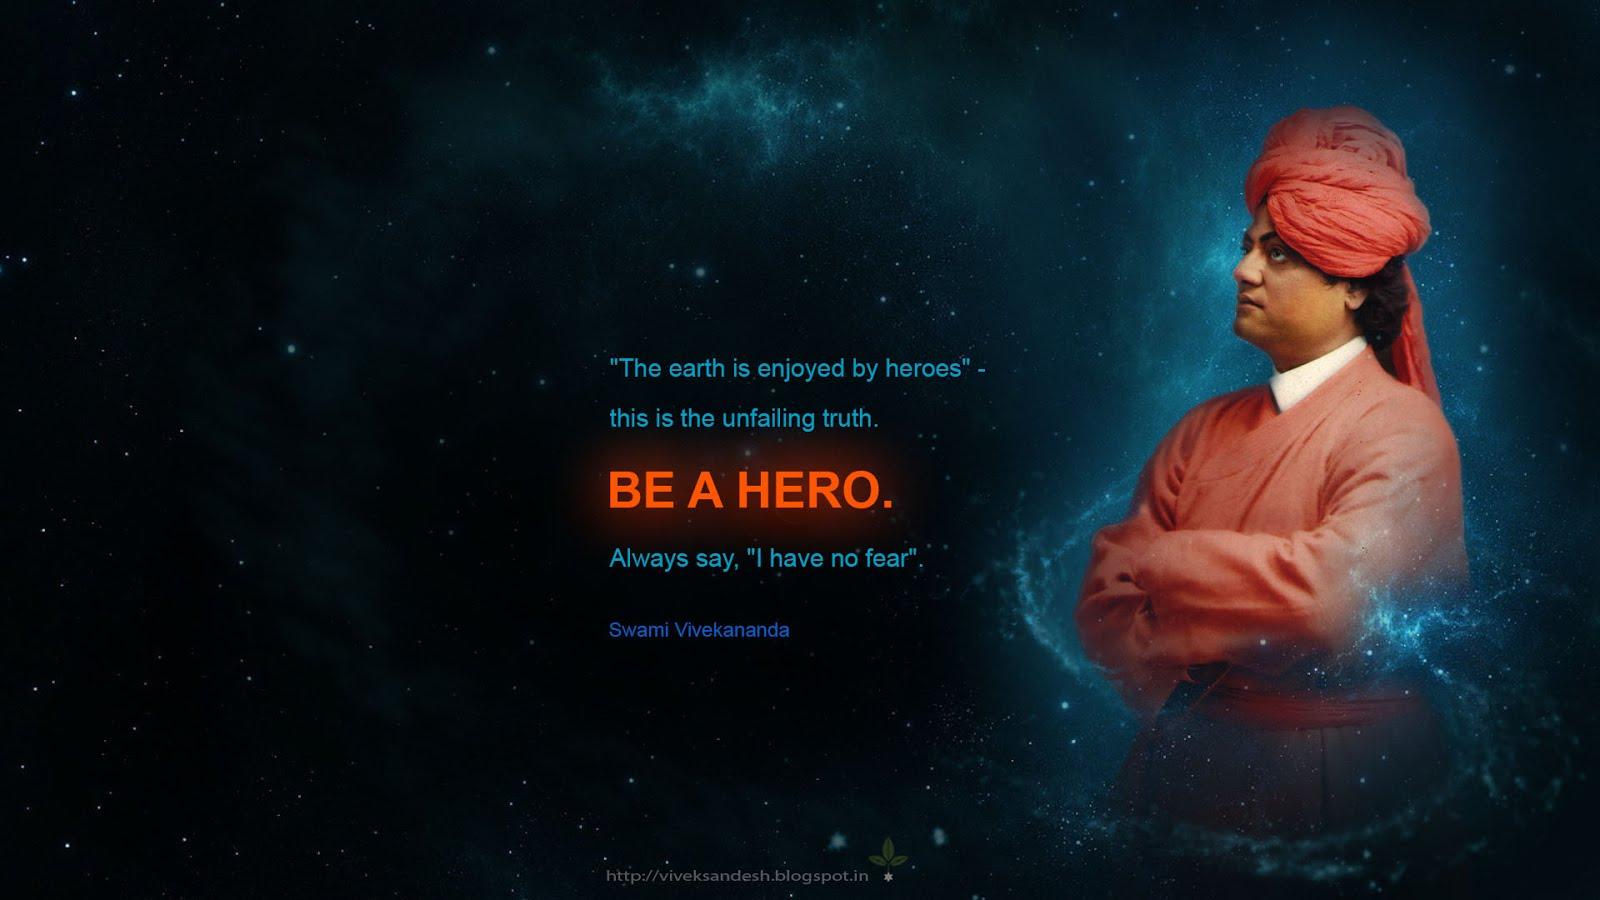 VIVEK SANDESH Swami Vivekananda Wallpaper 1600x900